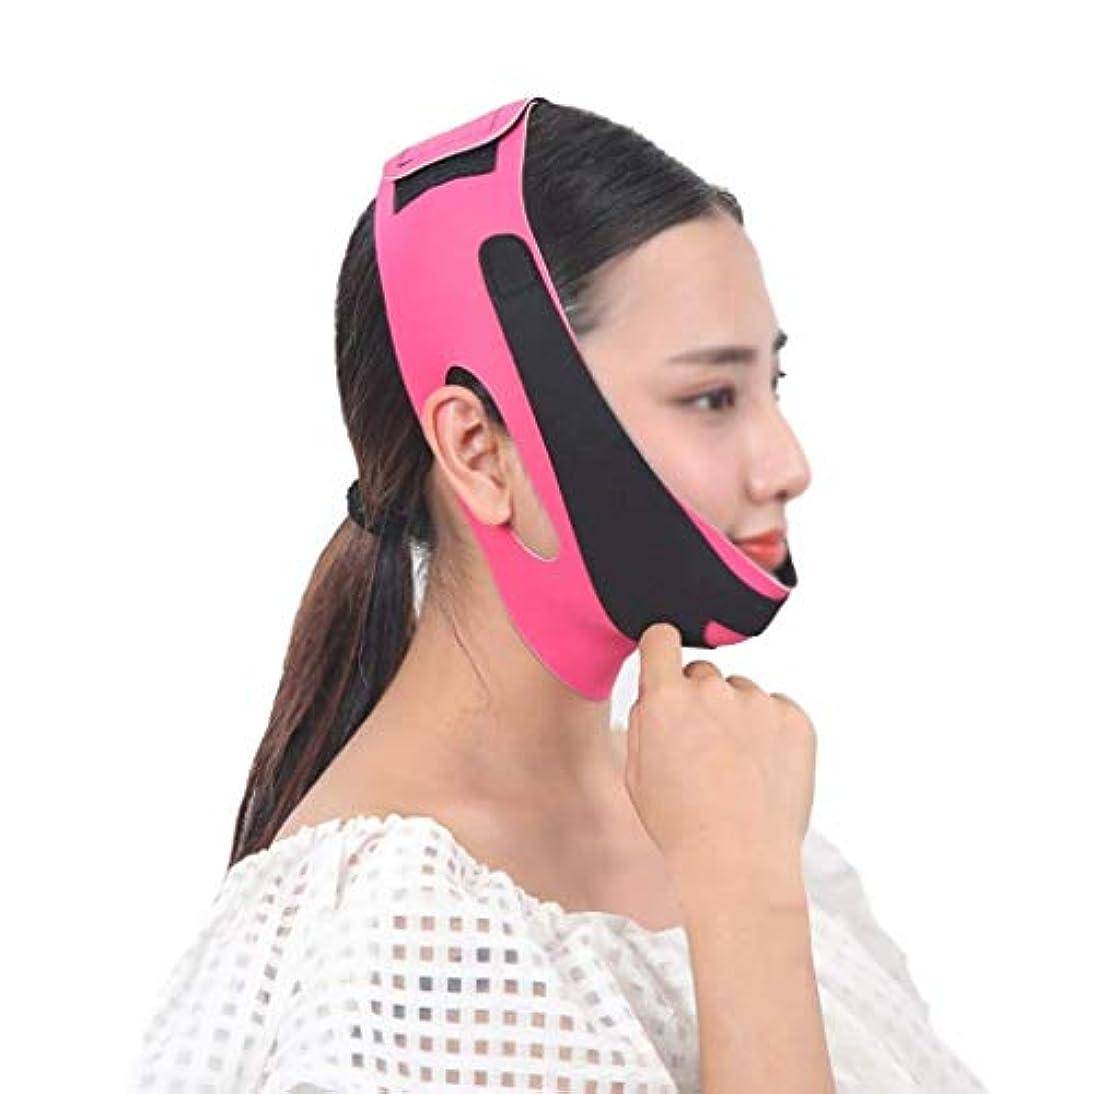 砂漠雑品ファイナンスフェイスアンドネックリフト術後弾性フェイスマスク小さなV顔アーティファクト薄い顔包帯アーティファクトV顔ぶら下げ耳リフティング引き締め薄い顔アーティファクト